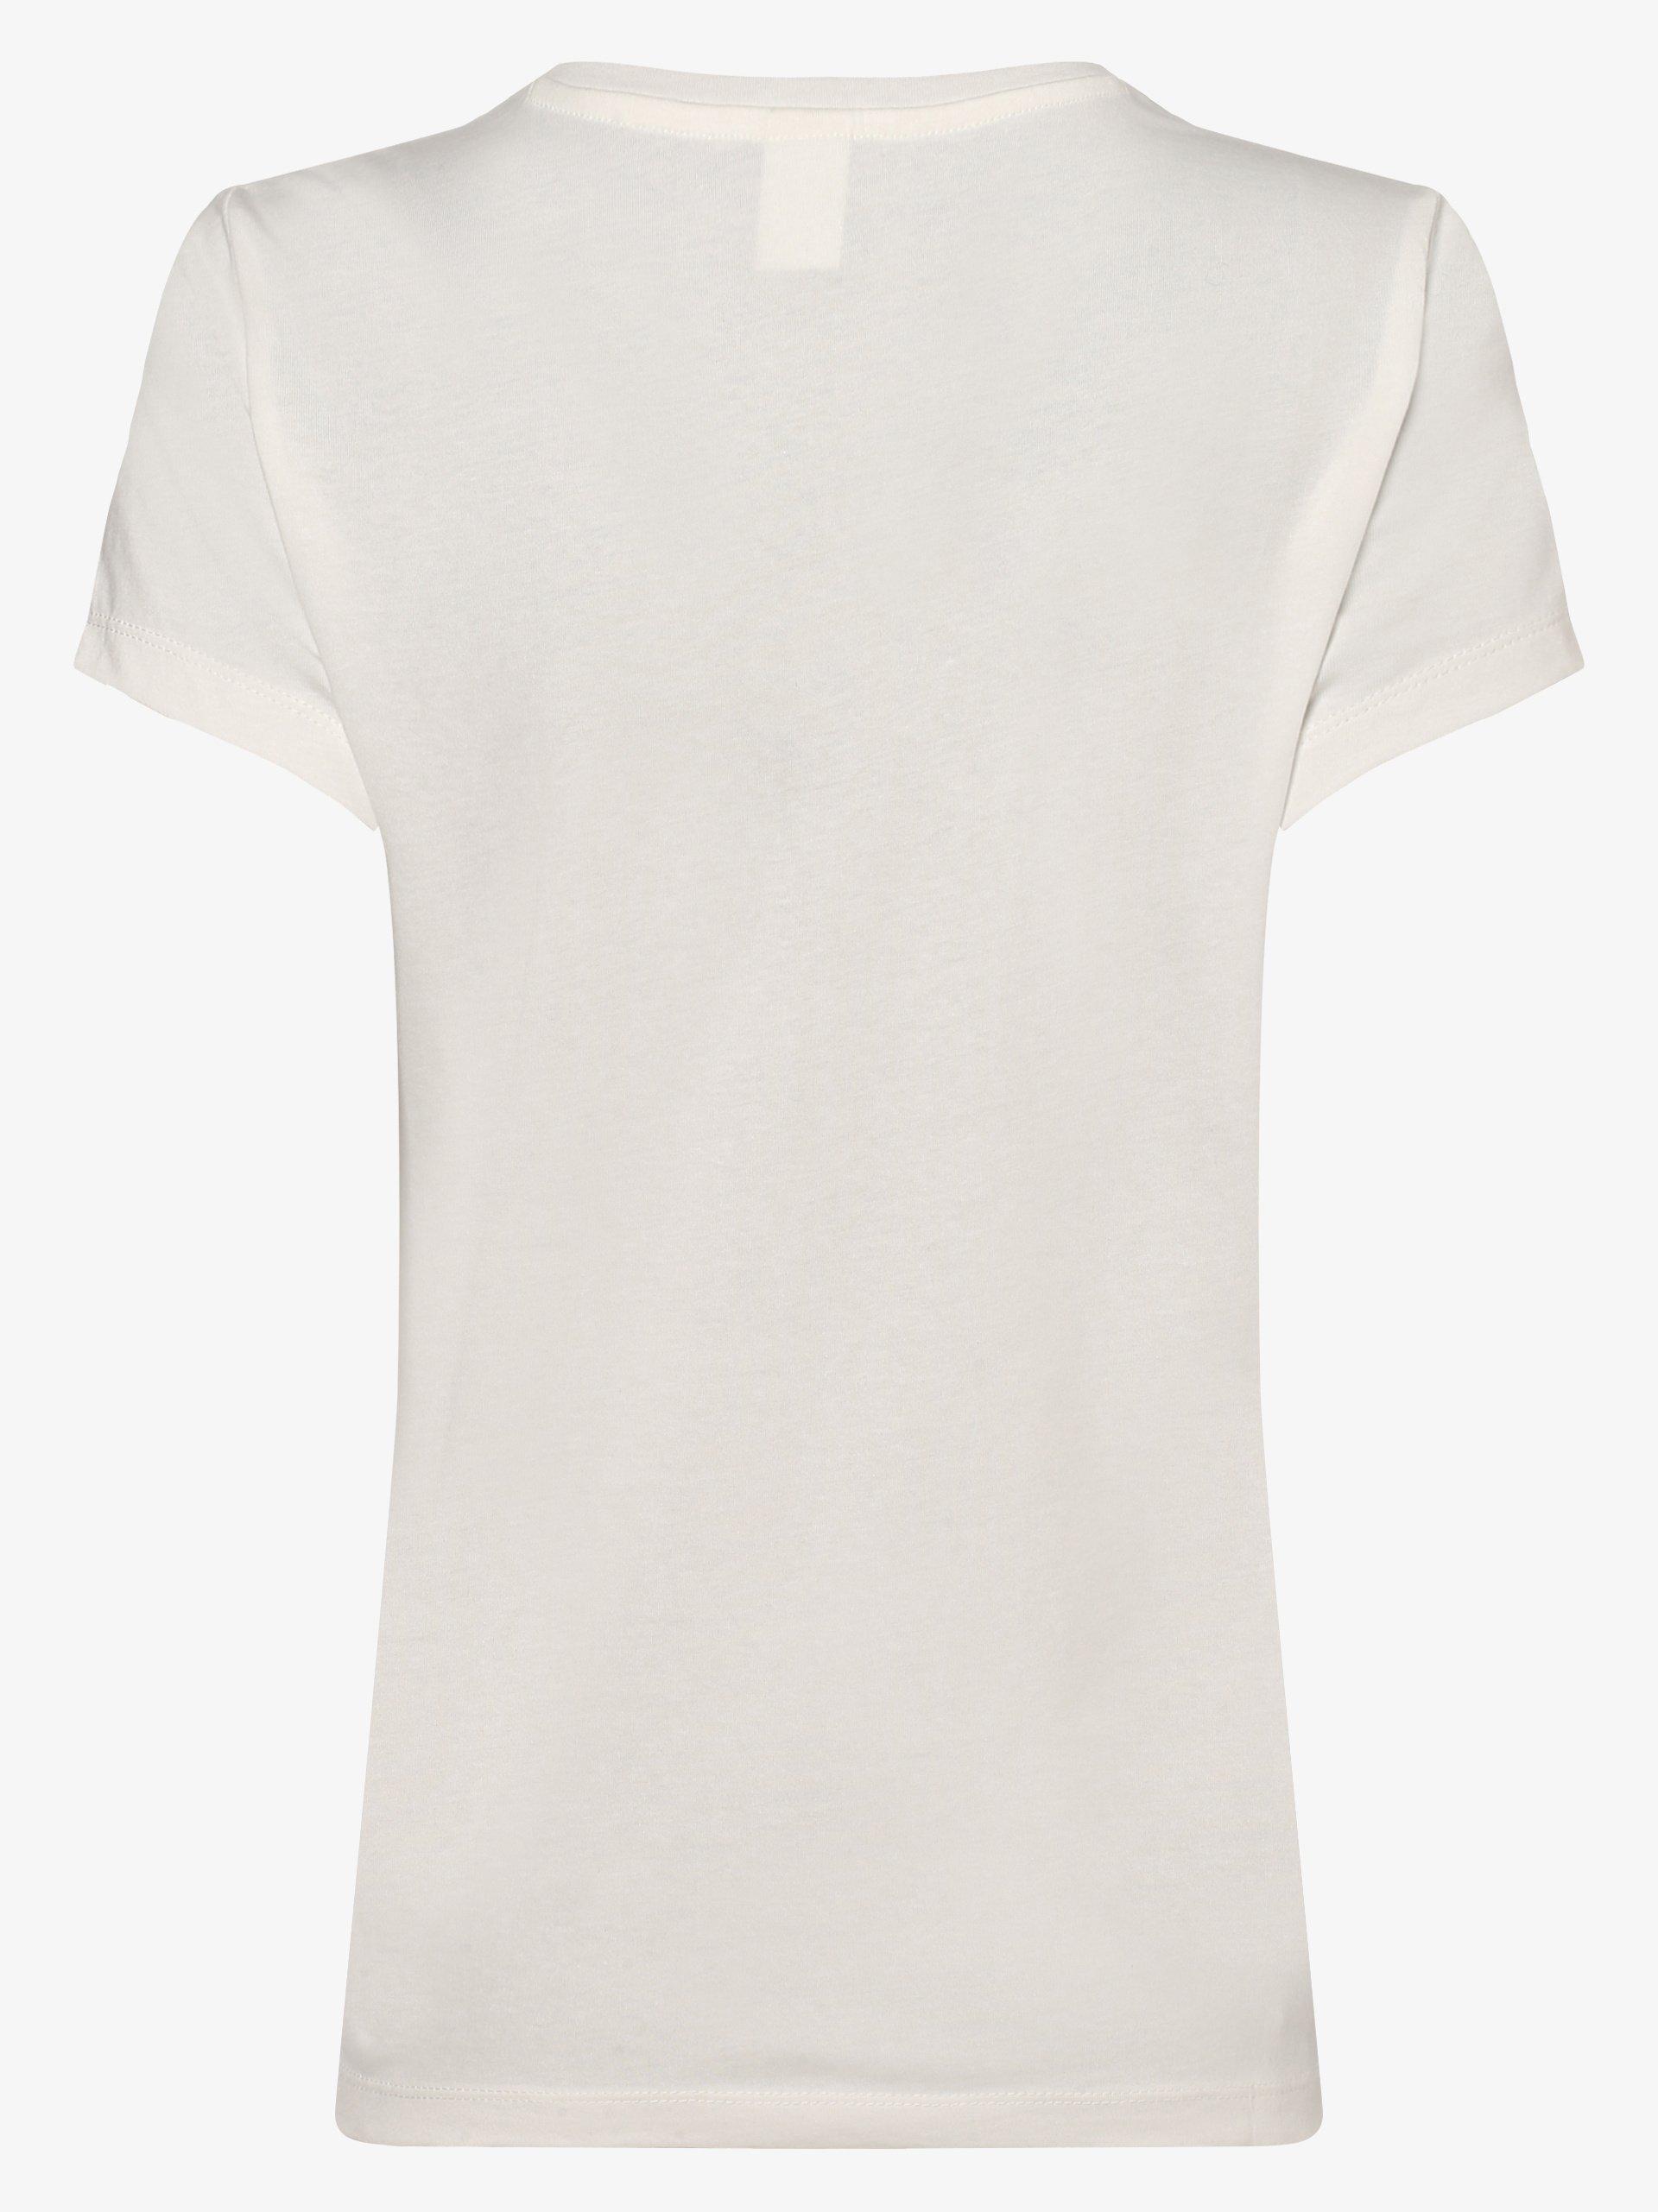 Taifun T-shirt damski